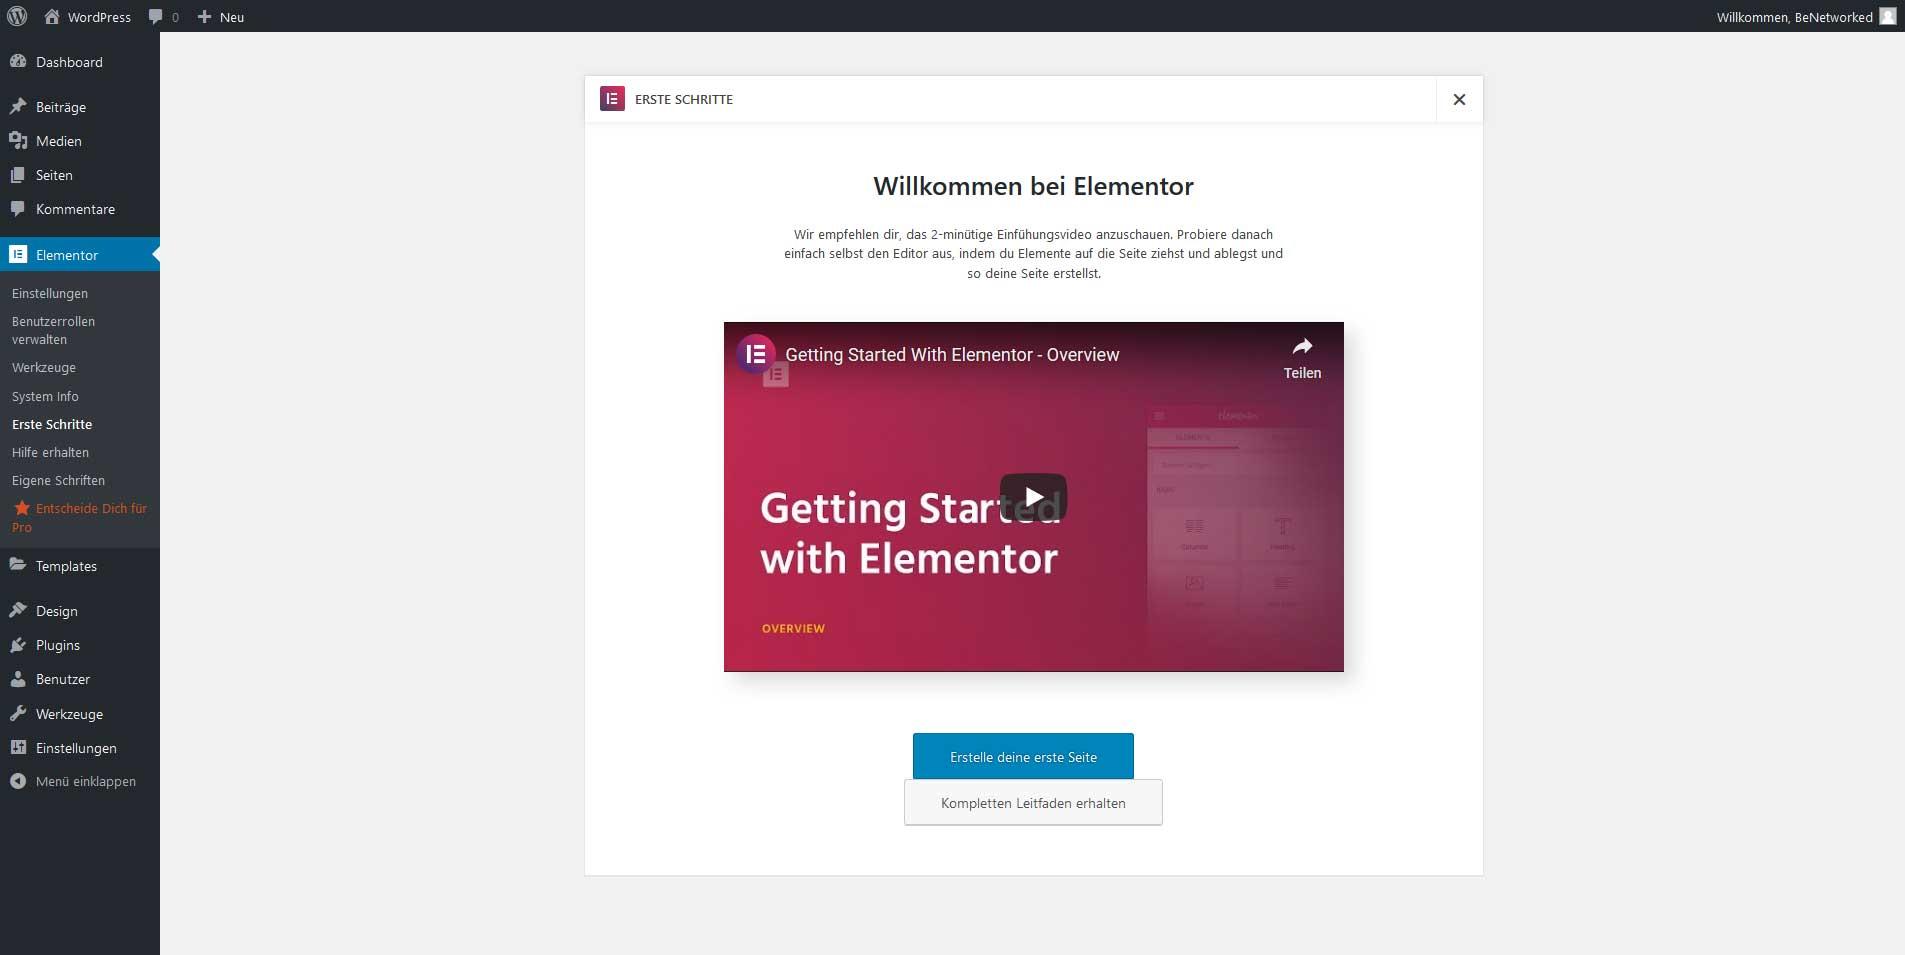 WordPress - Willkommen bei Elementor - Page Builder